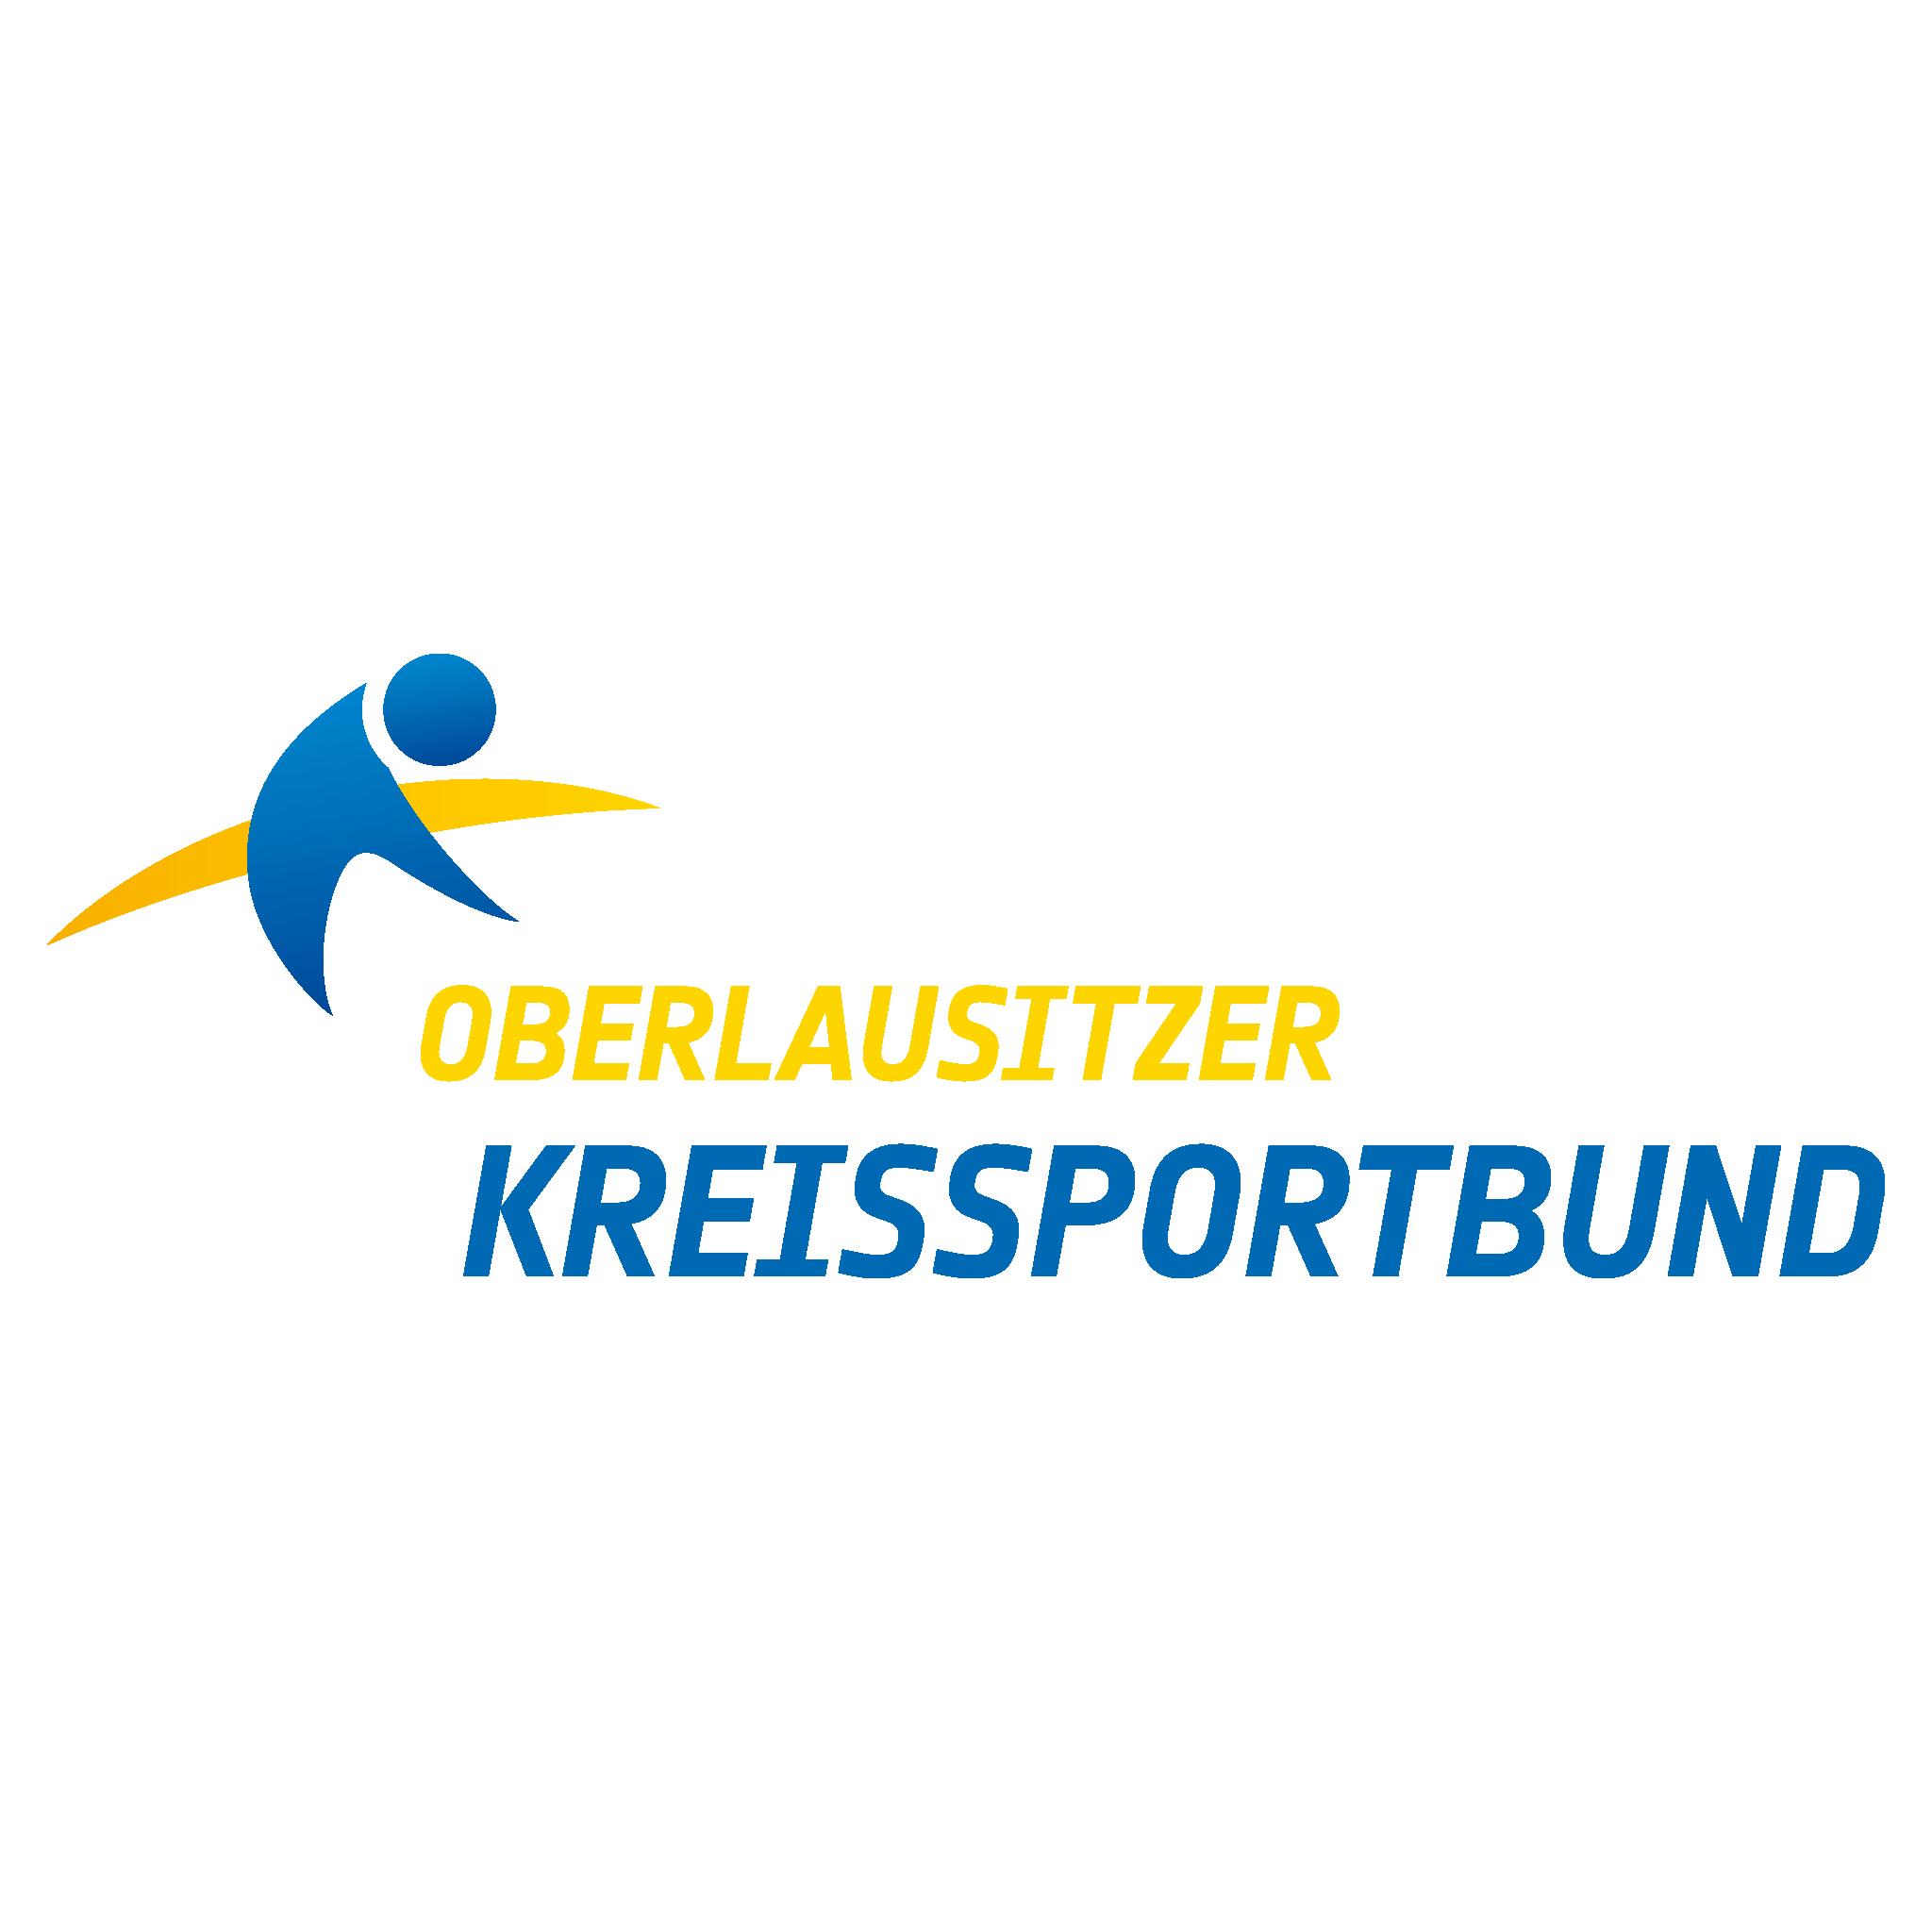 Oberlausitzer Kreissportbund